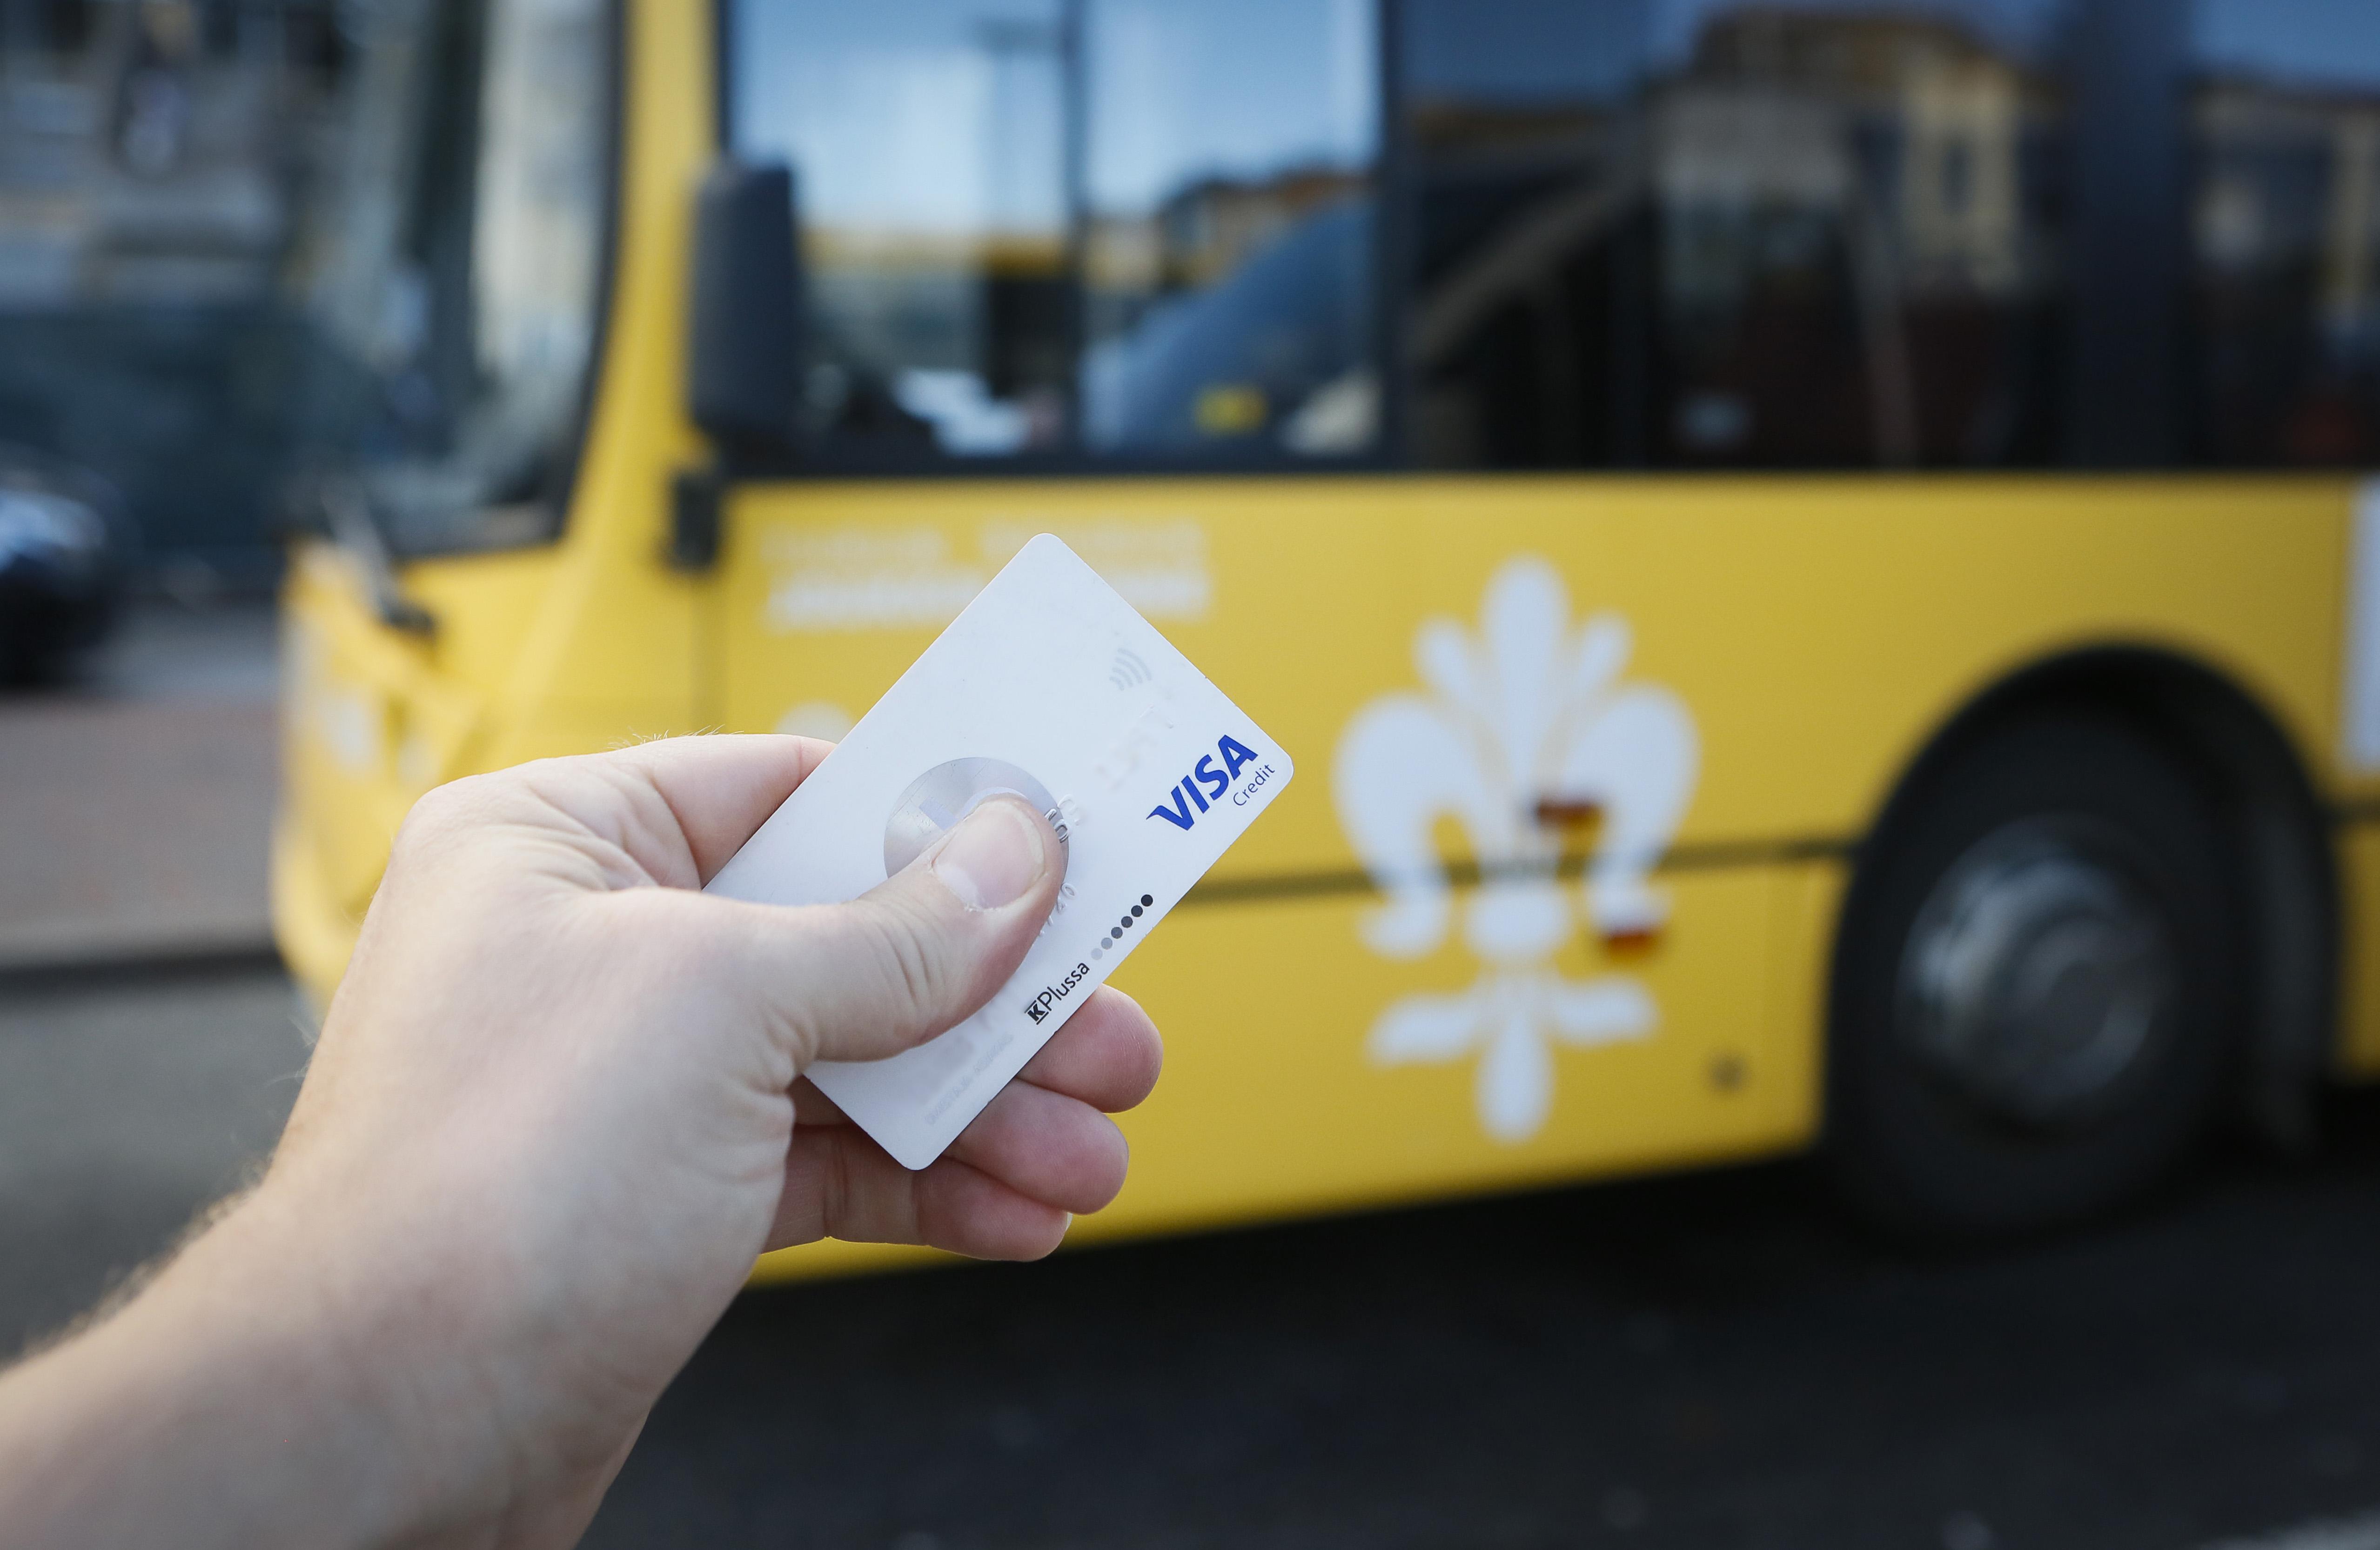 pankkikortti ja bussi